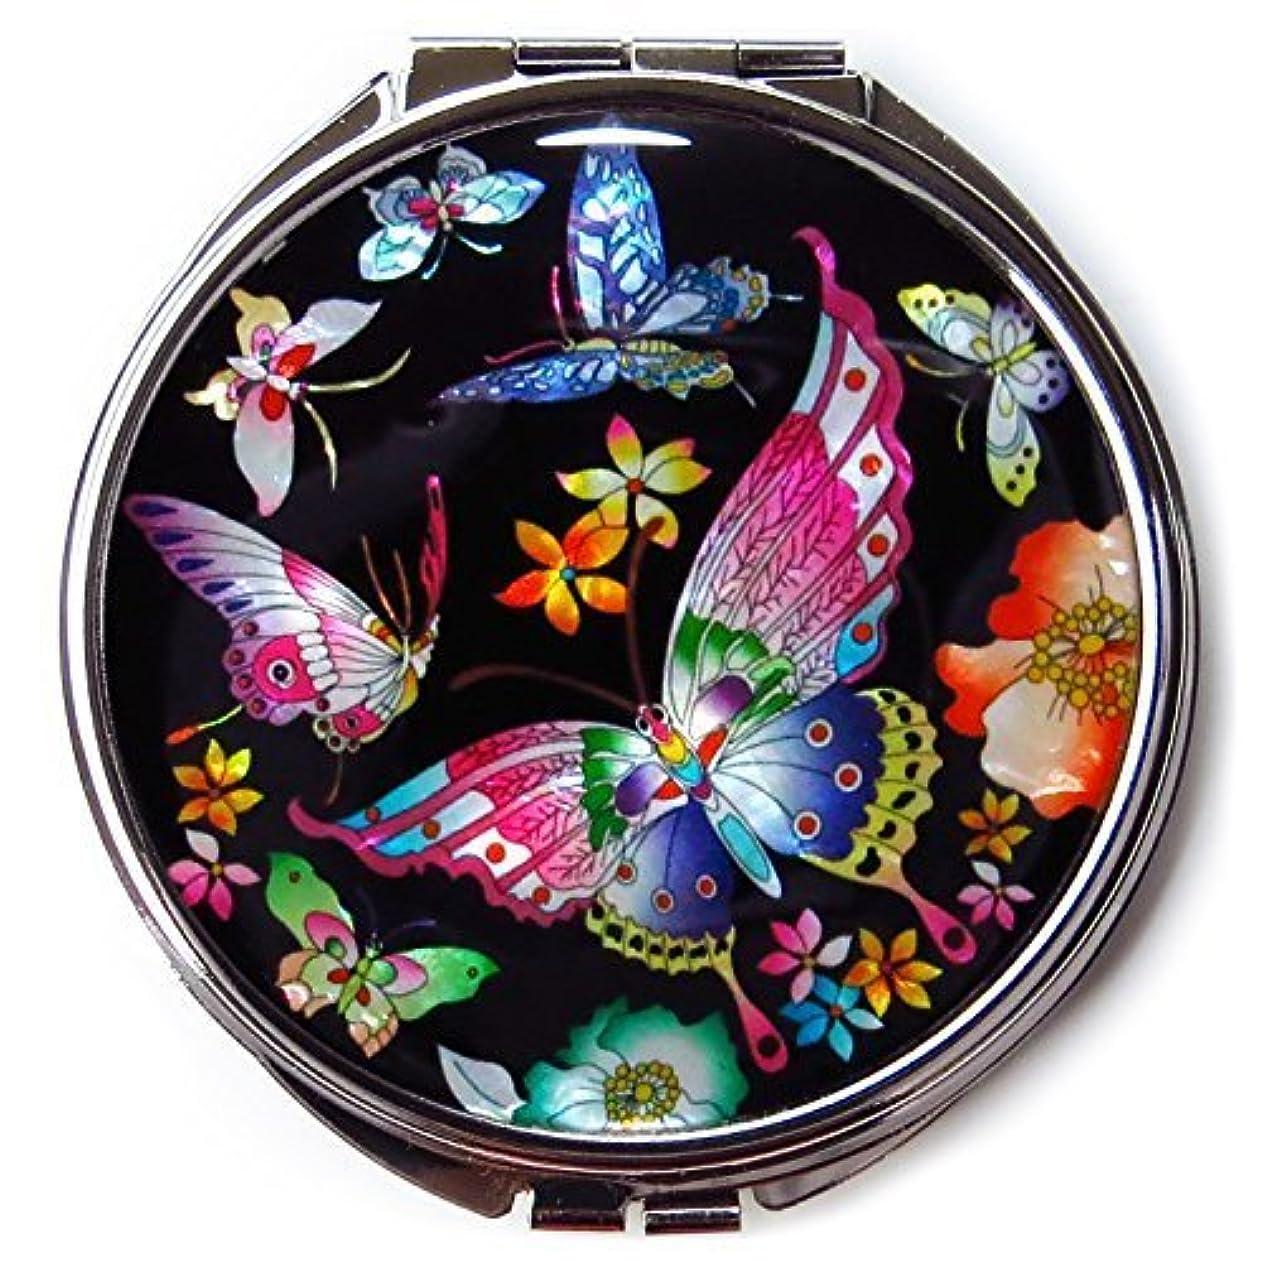 見ました十代の若者たち家畜MADDesign #3黒真珠金属蝶の韓国化粧コンパクトミラー母 黒、赤、黄、青、ピンク、緑、紫 [並行輸入品]